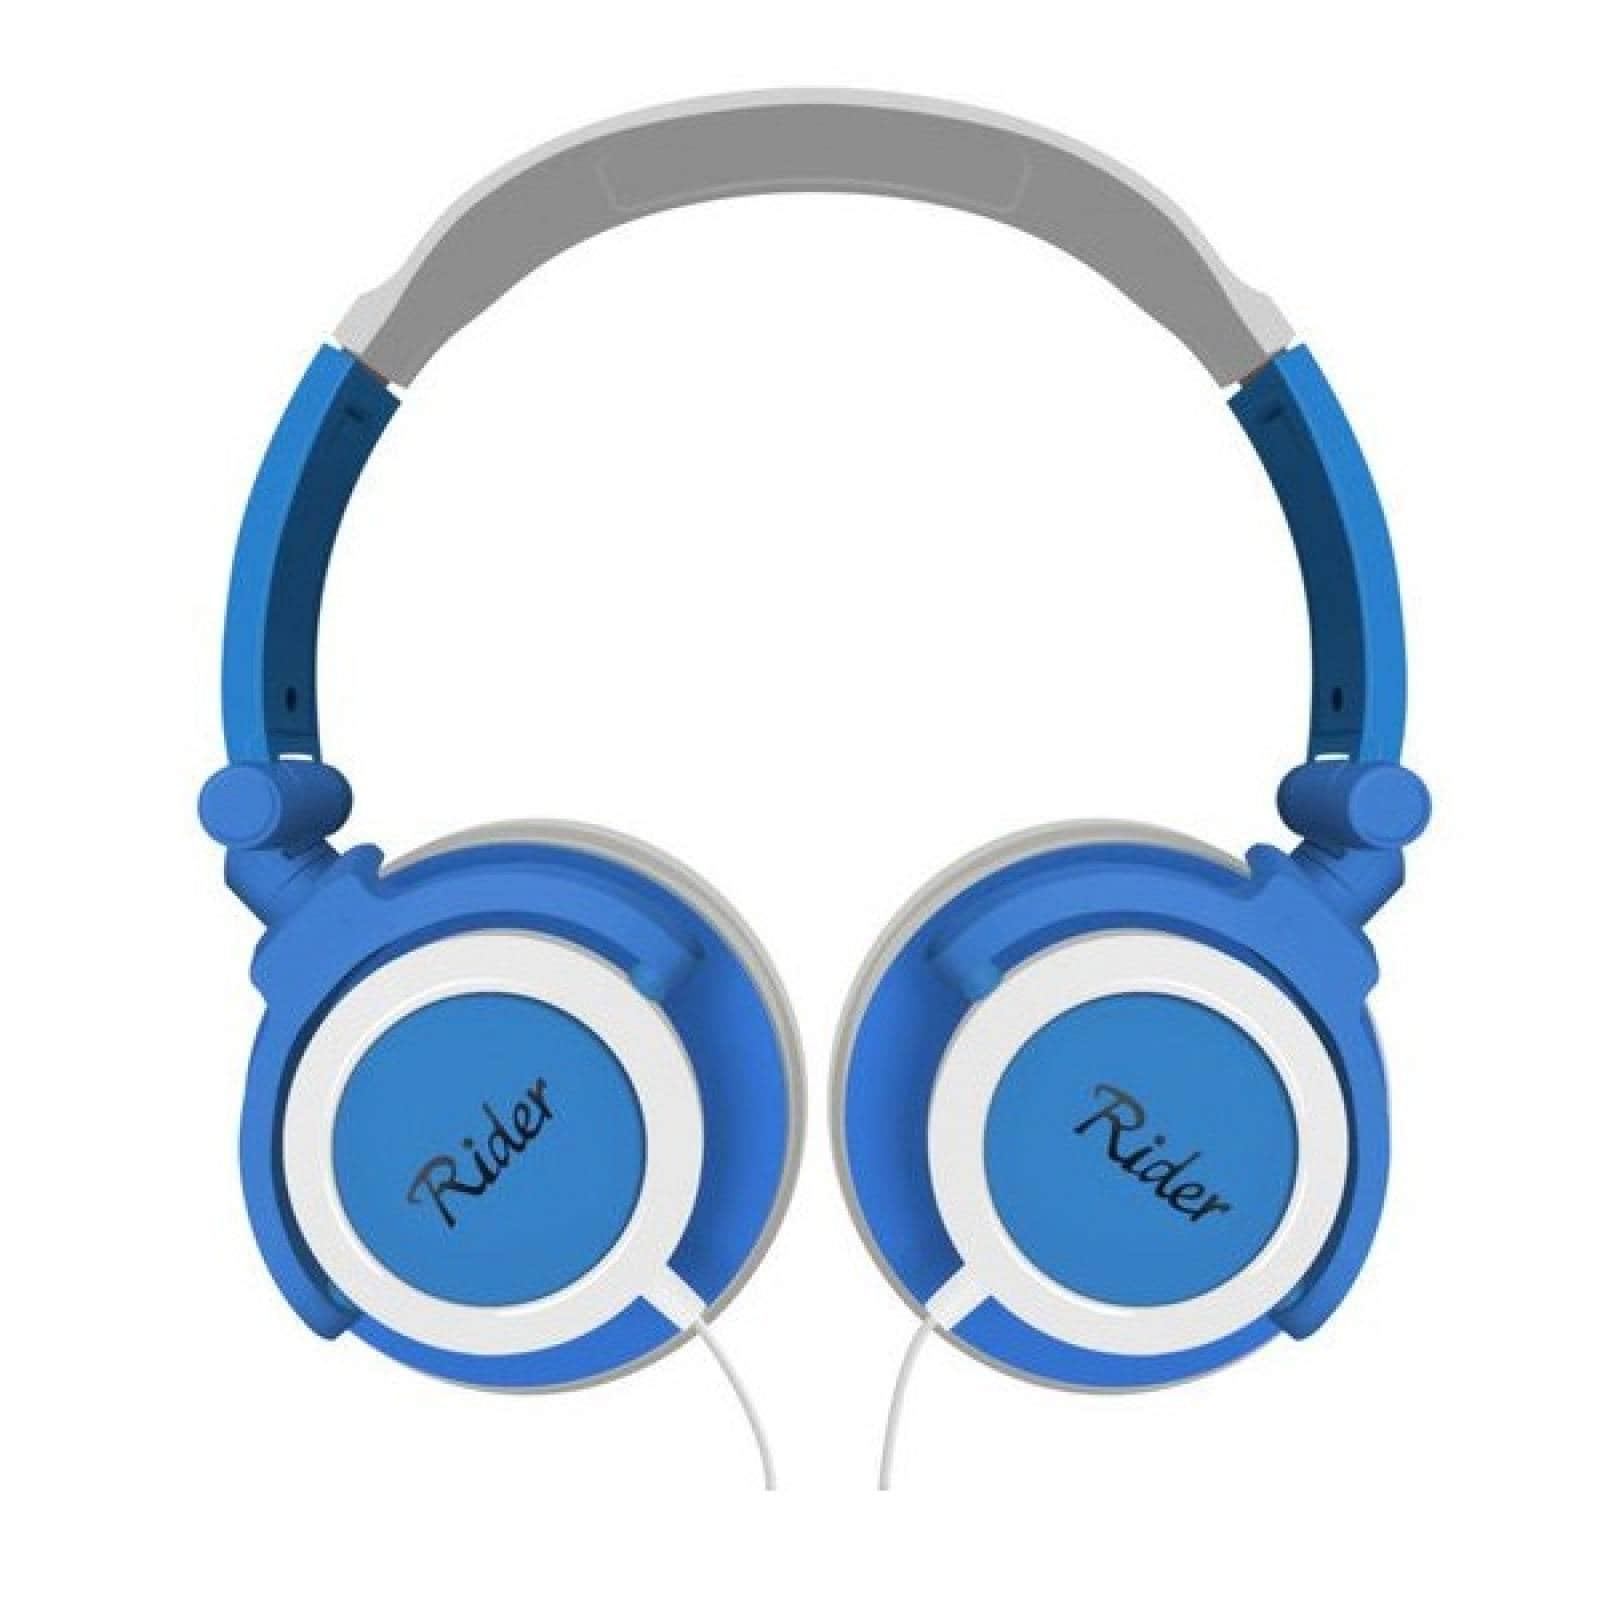 Audifonos Ridgeway On ear Ajuste perfecto EAR105 Azul - Reacondicionado